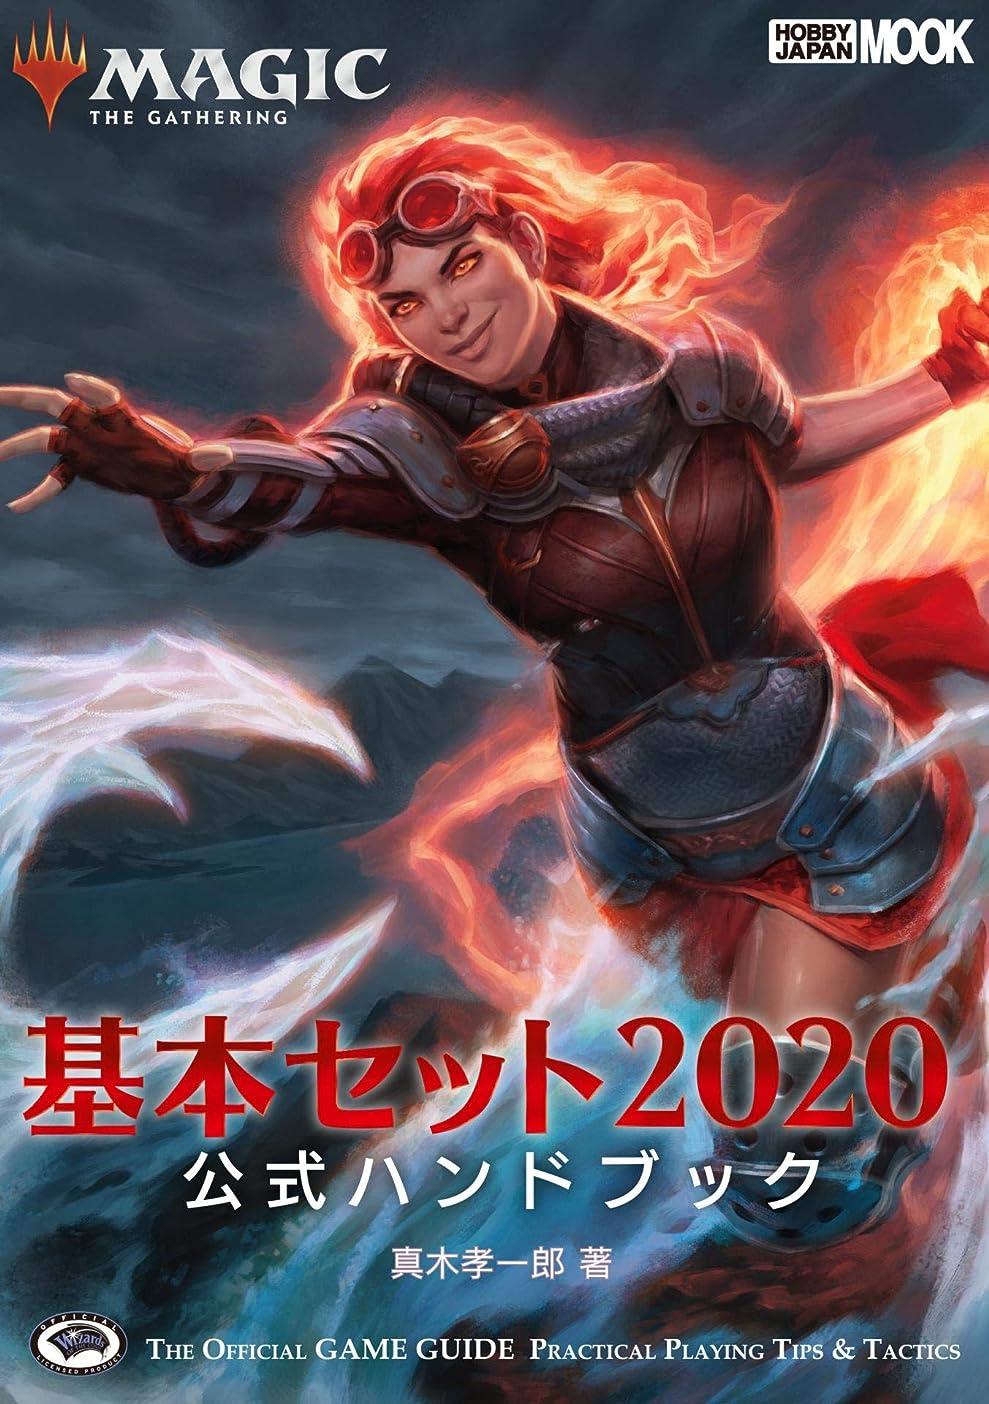 発揮する白雪姫ウルルマジック:ザ?ギャザリング 基本セット2020公式ハンドブック (マジック:ザ?ギャザリング公式ハンドブック)